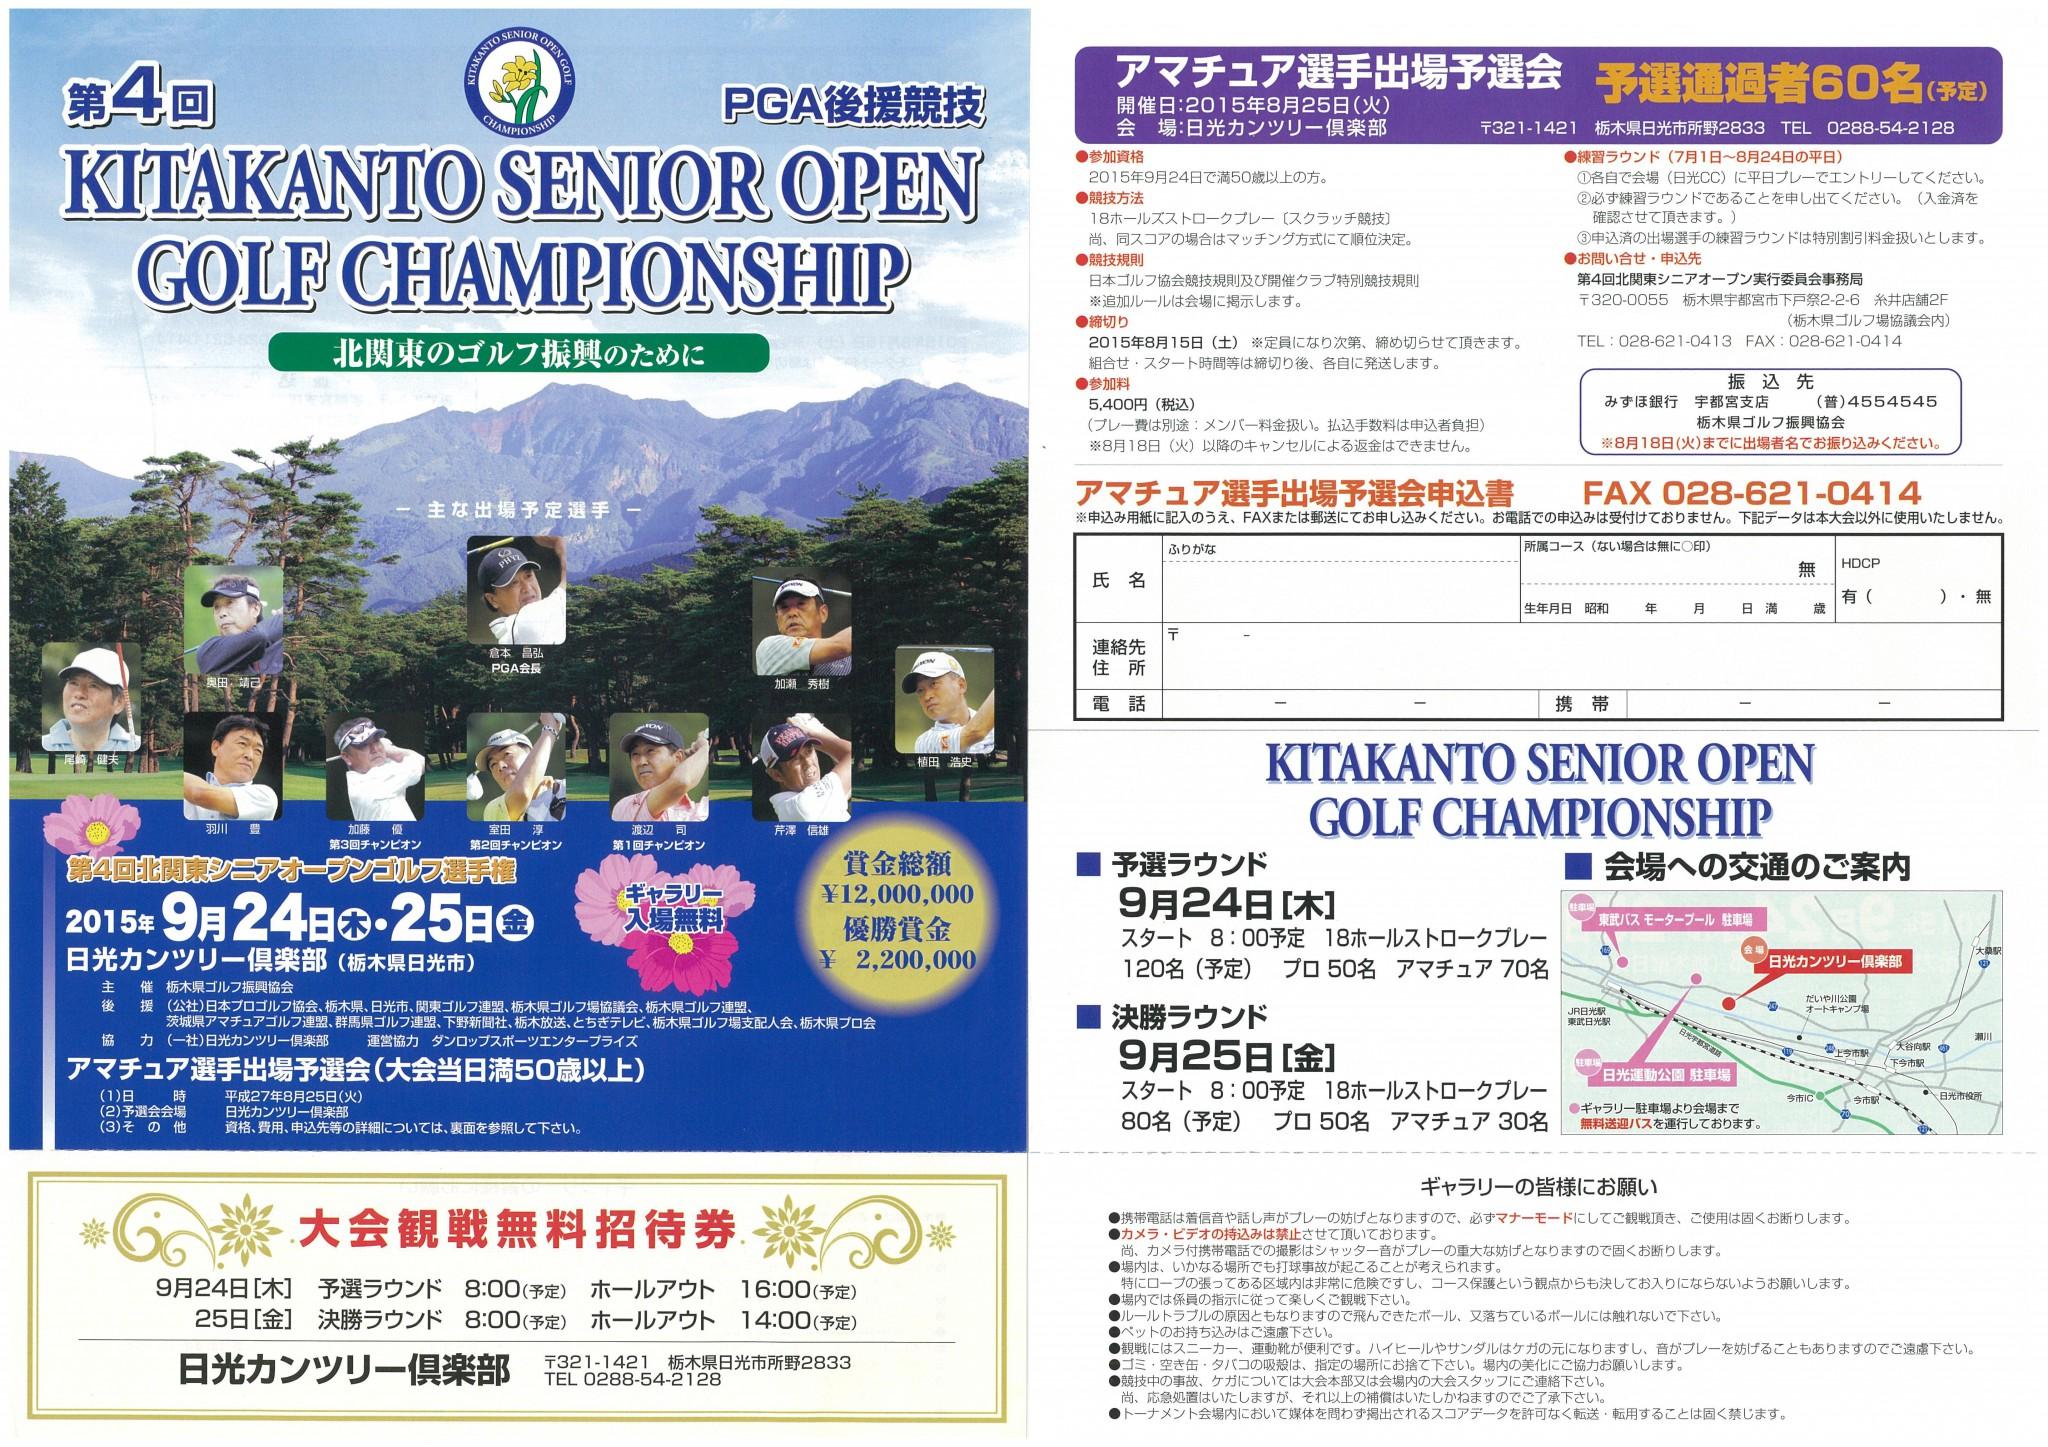 第4回北関東シニアオープン チラシ